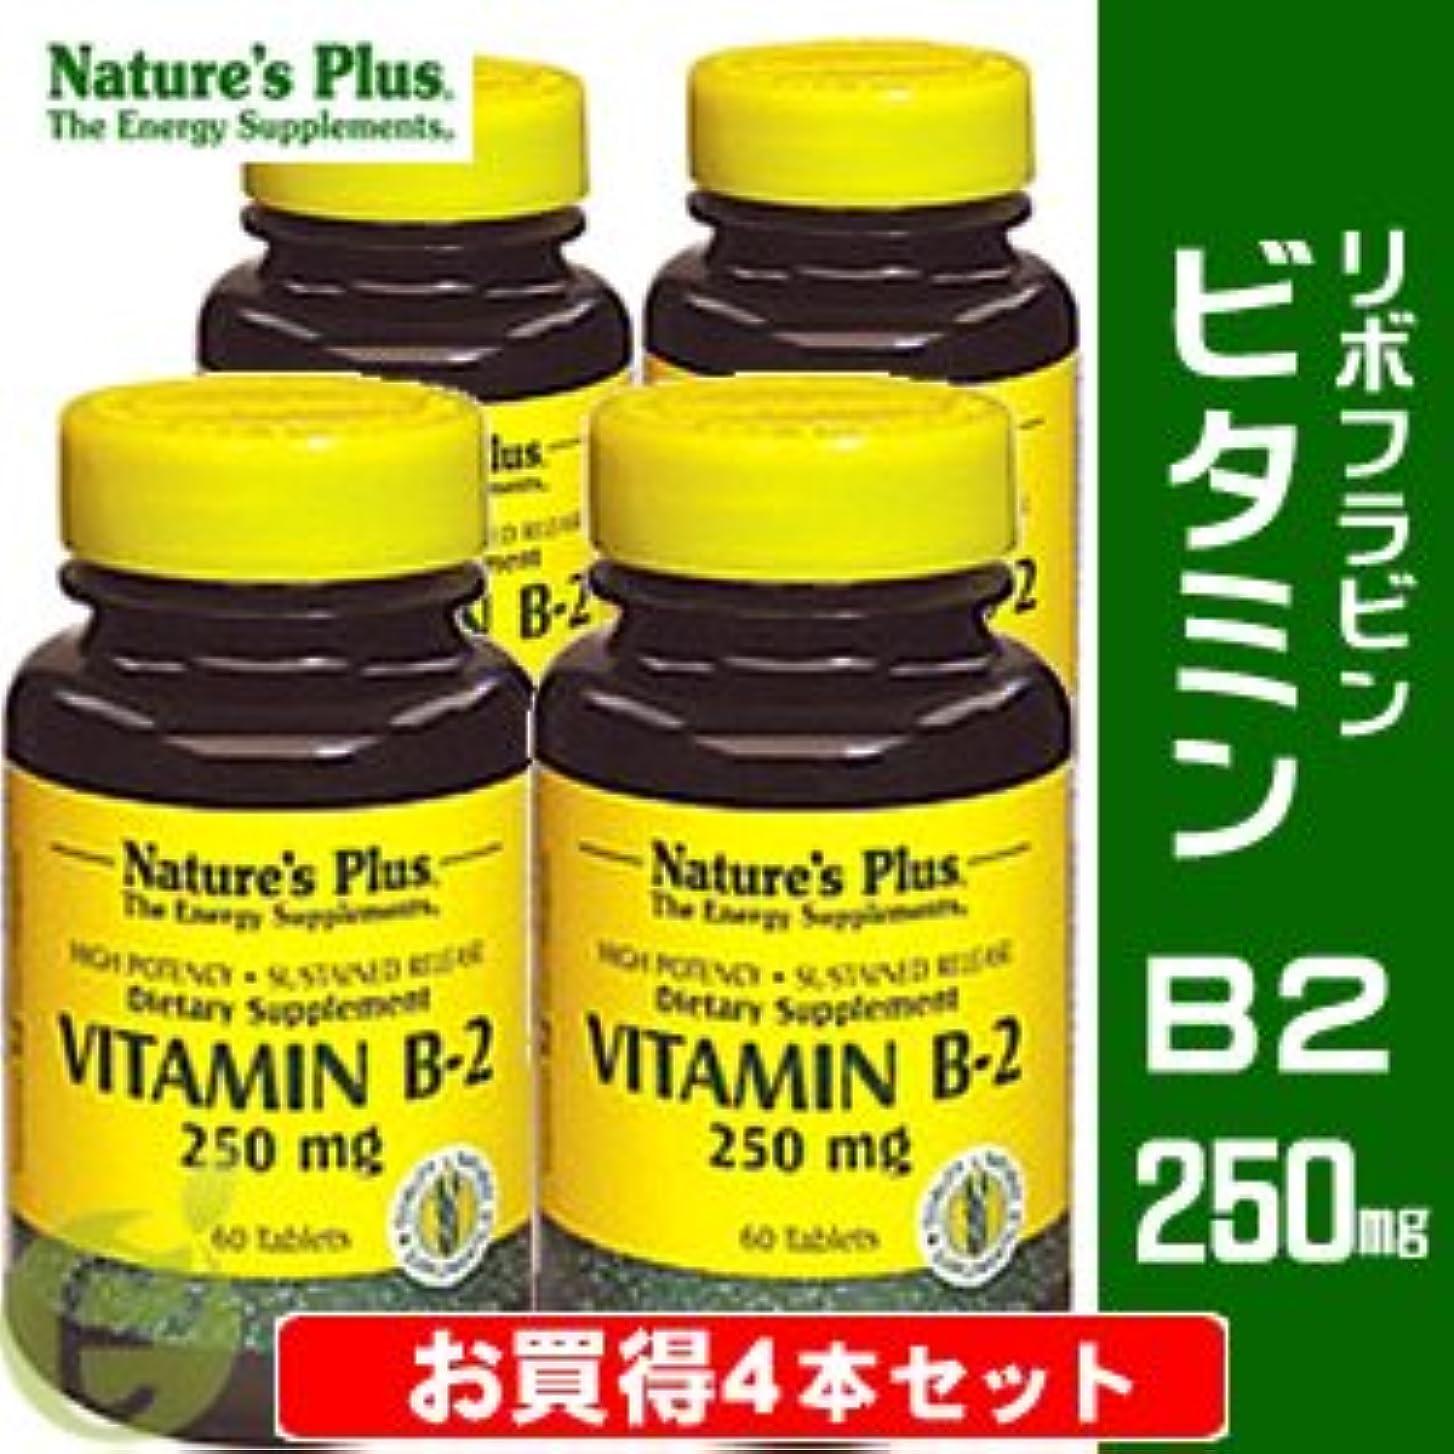 吐き出すサイズコンパニオンビタミンB2 250mg (リボフラビン) 【お買得4本セット】